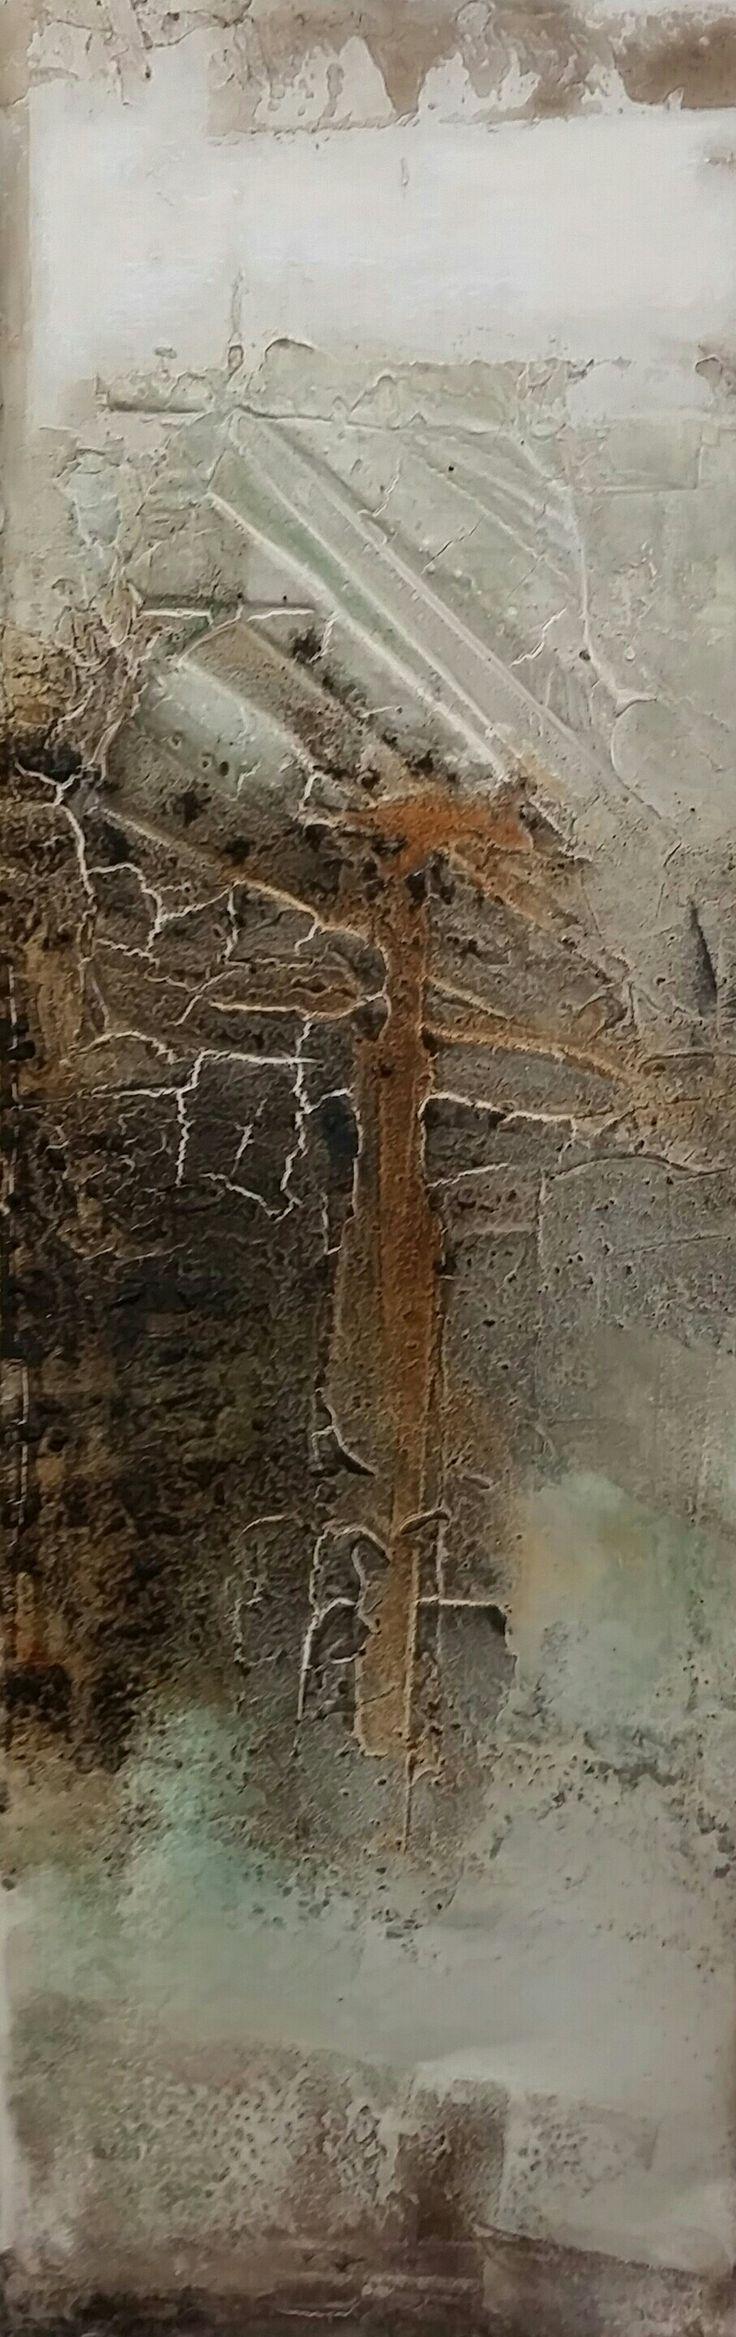 Strukturbild mit Braunkohle 0,40x1,20 m